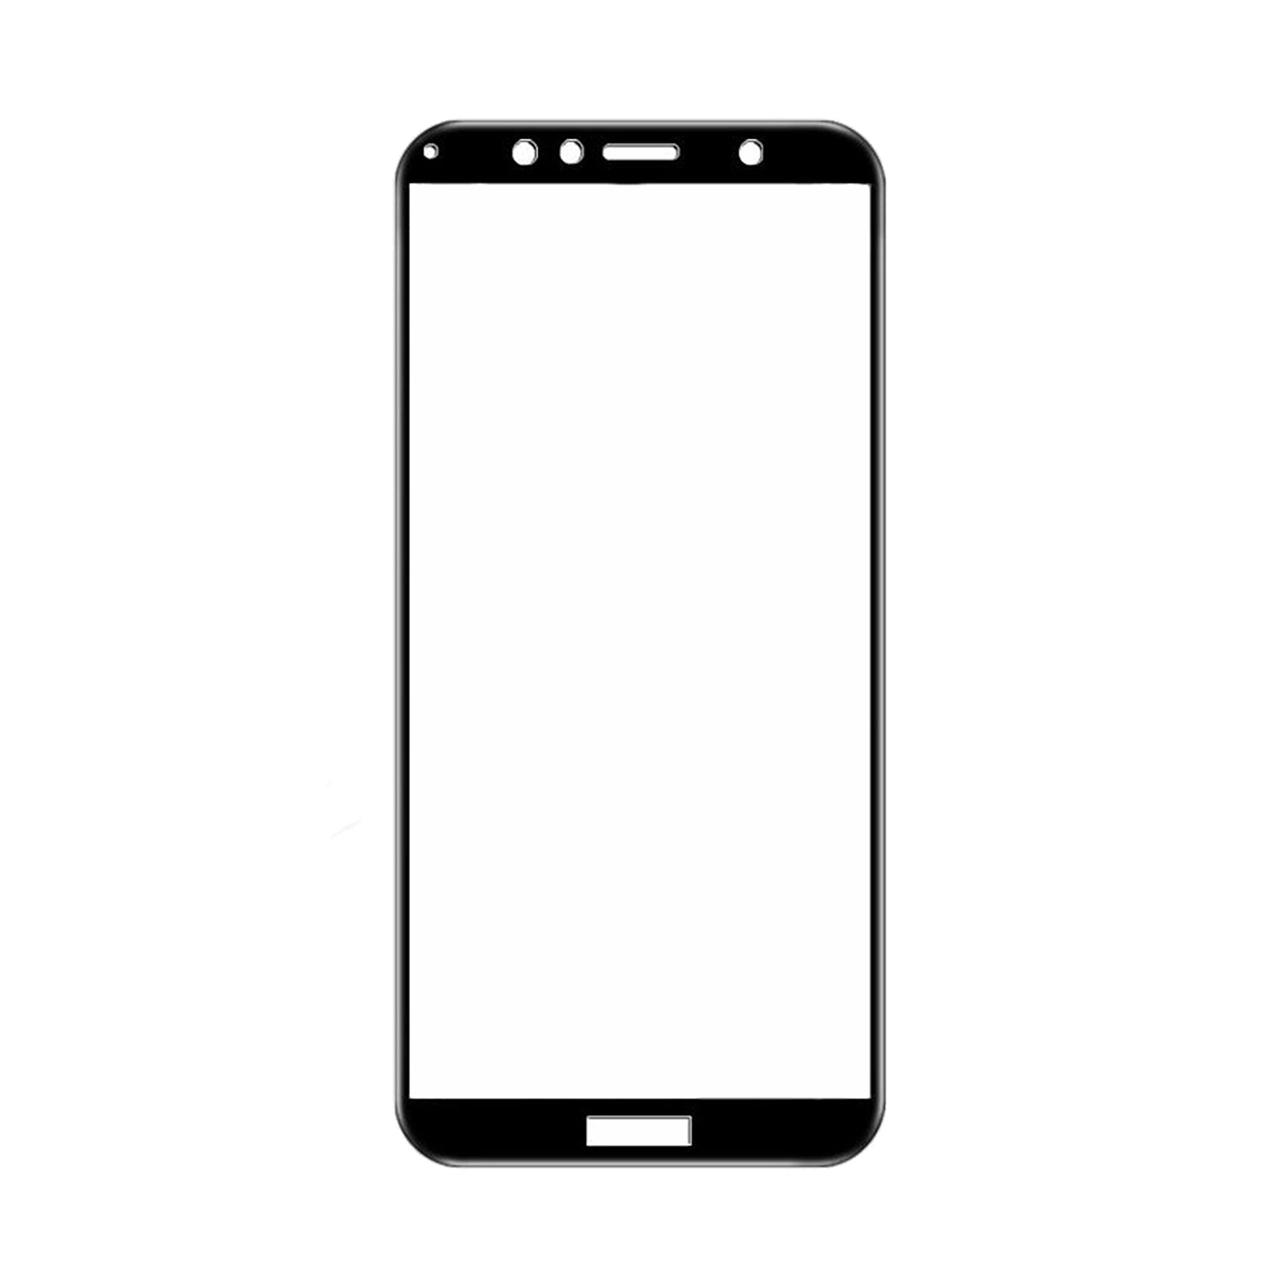 محافظ صفحه نمایش نیکسو مدل Full Glue مناسب برای گوشی موبایل هواوی Y7 Prime 2018